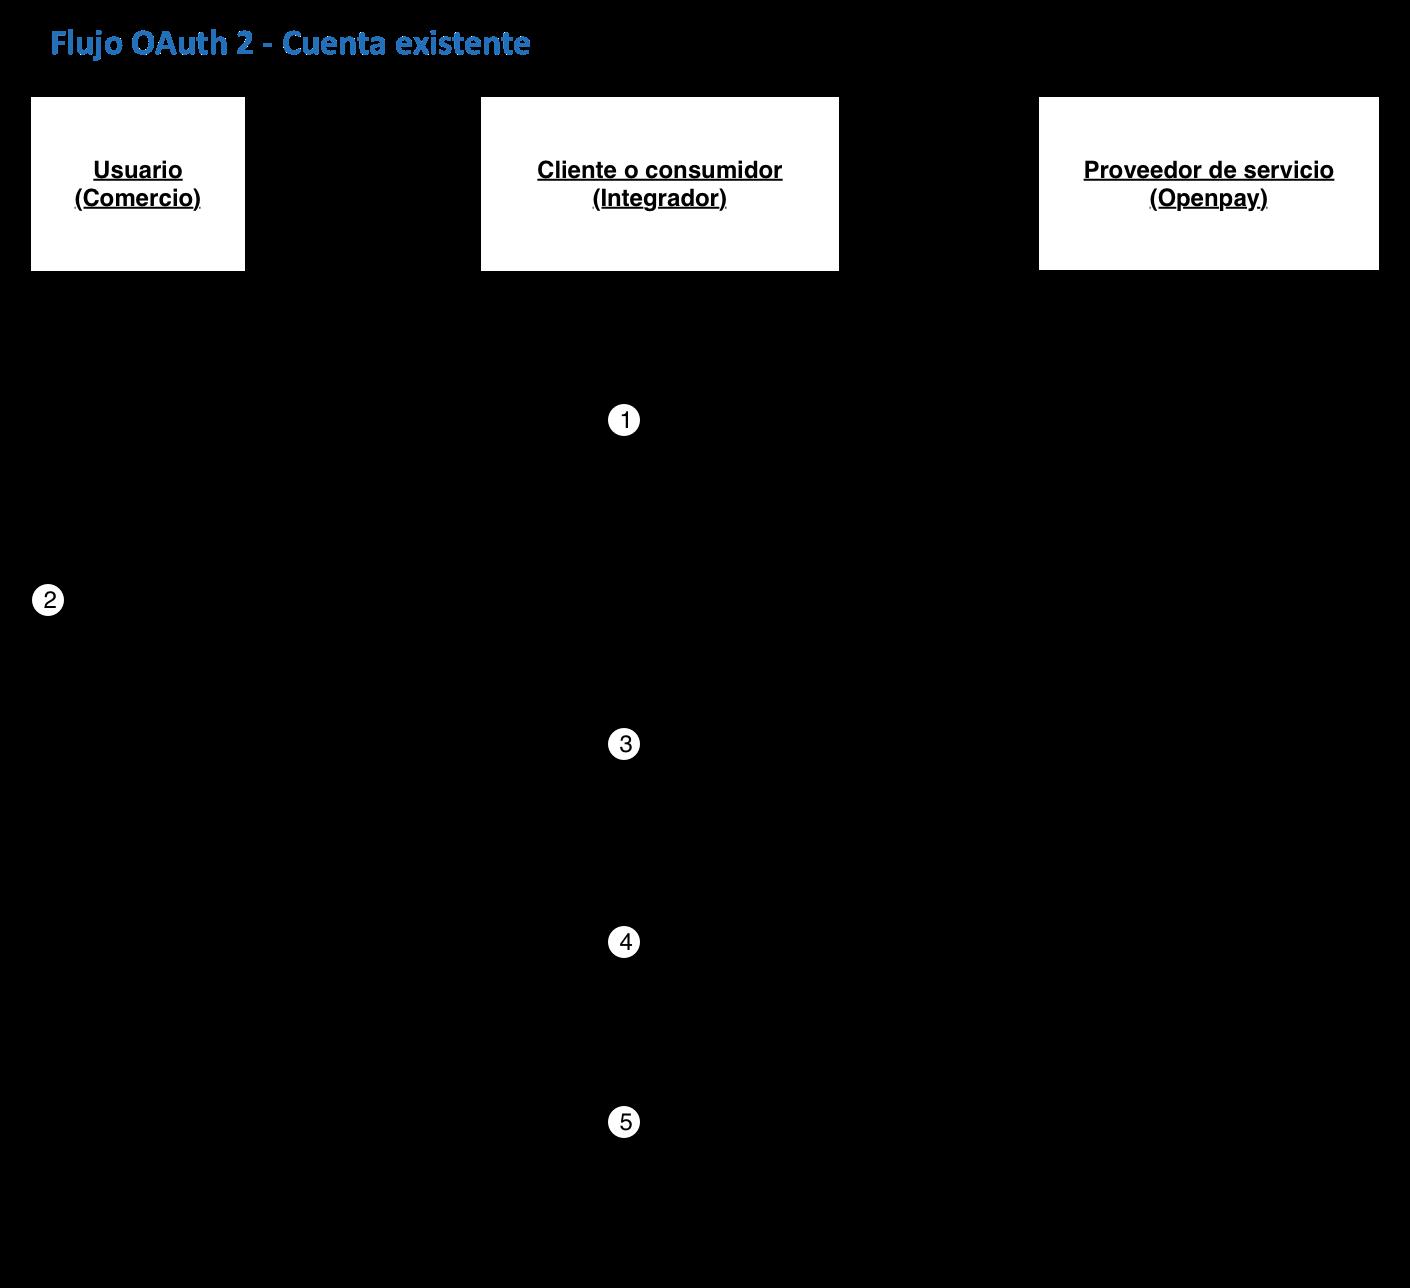 Ejemplo de flujo oauth 2 con cuenta existente